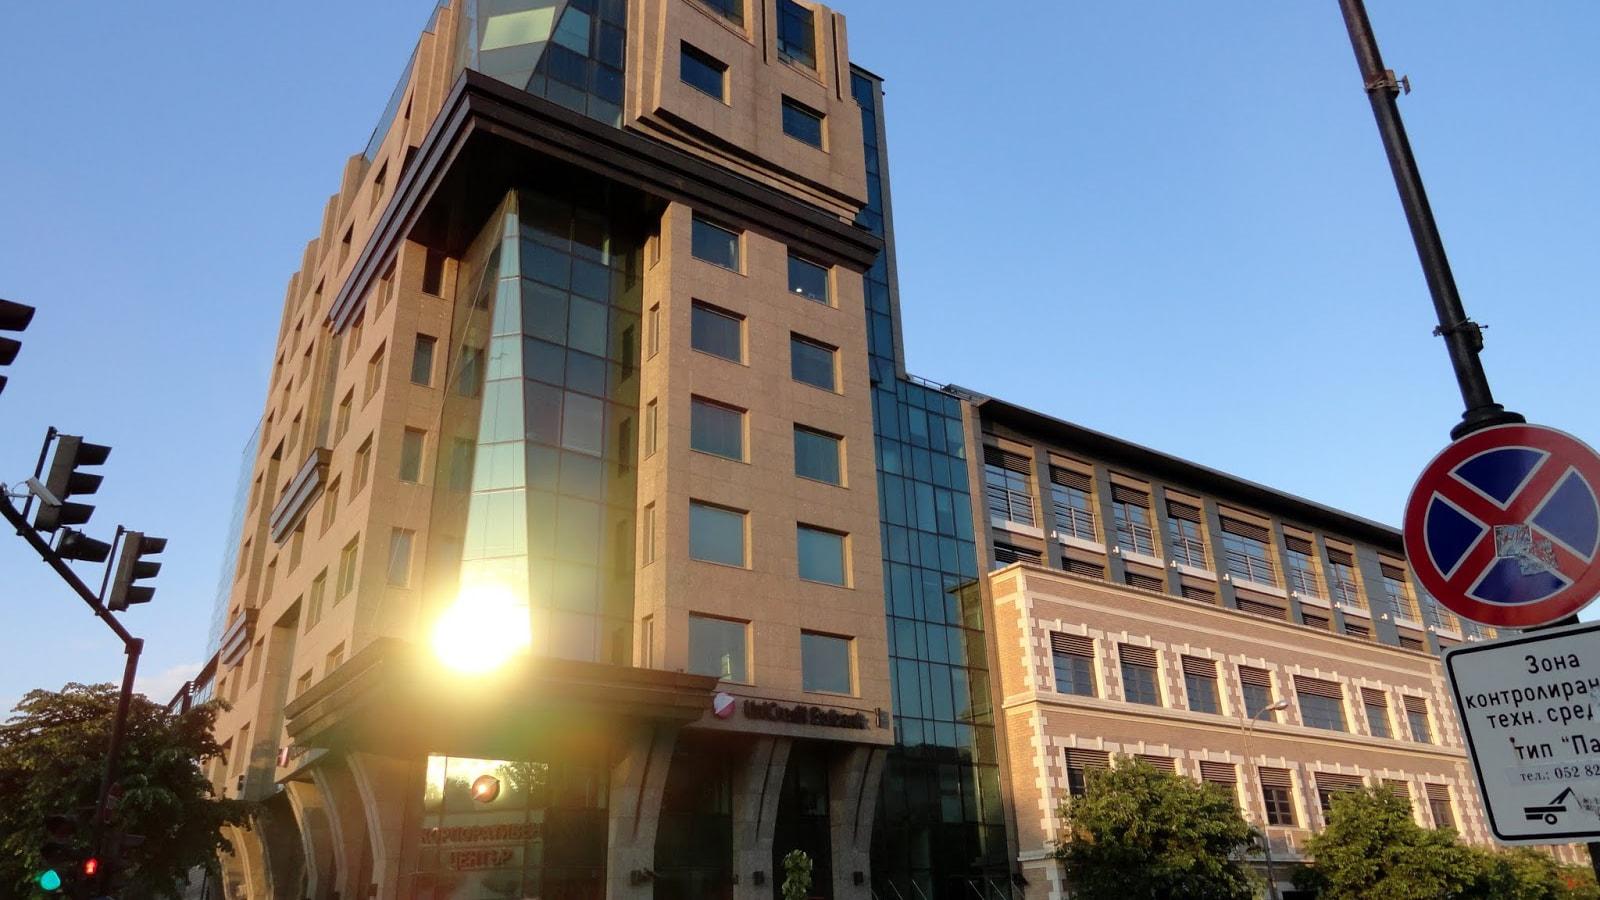 Durjavni i obshtinski institucii